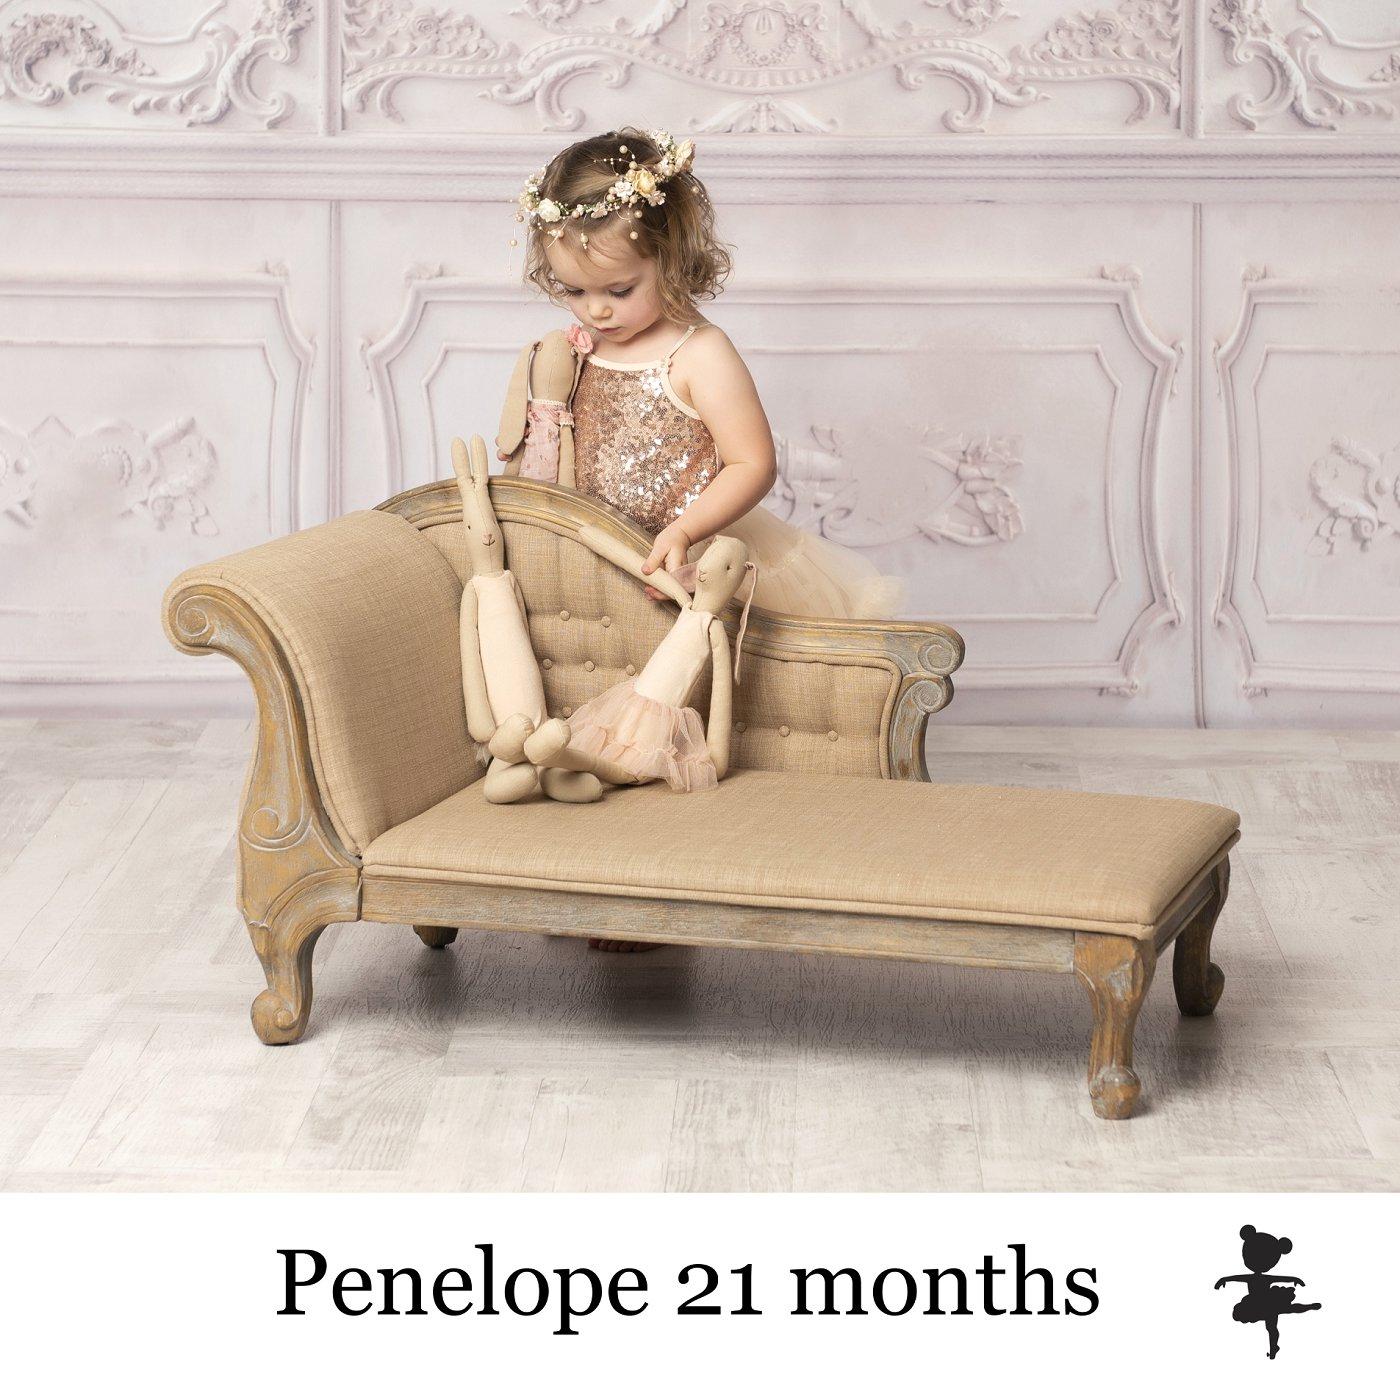 LB11619-Penelope 21mths.jpg